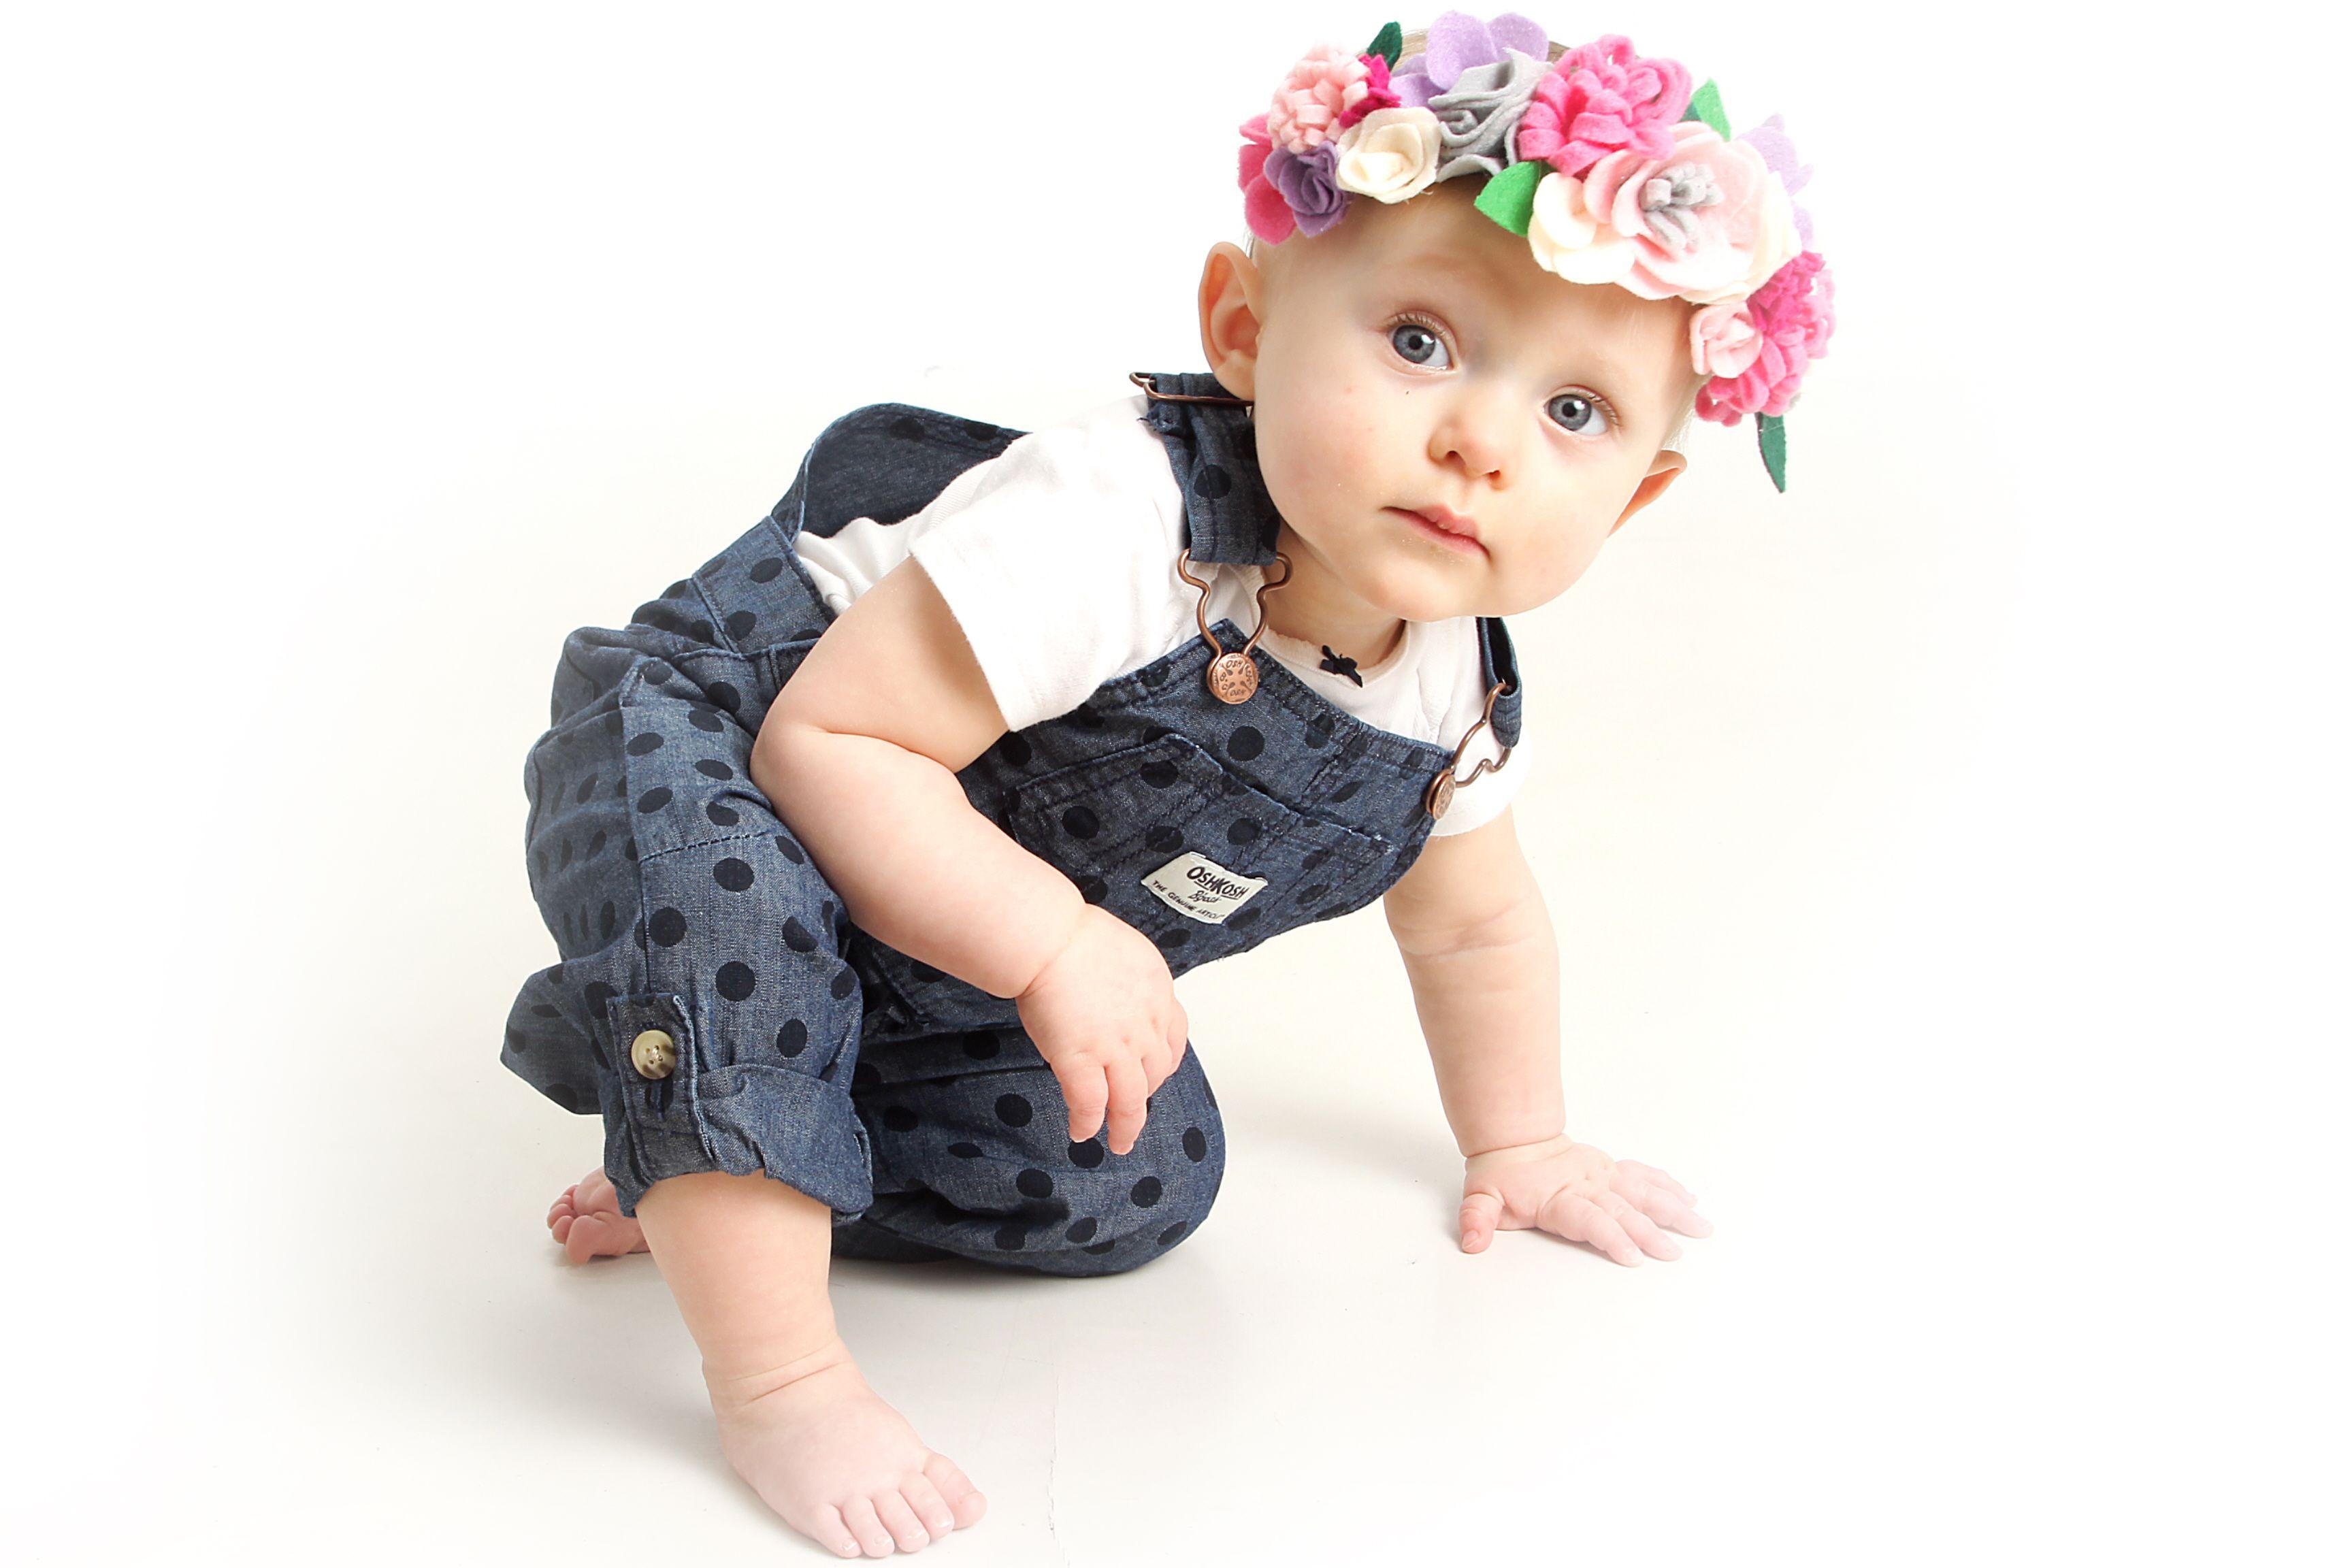 Baby Girl First Birthday Photo- #oshkoshb'gosh felt flower crown